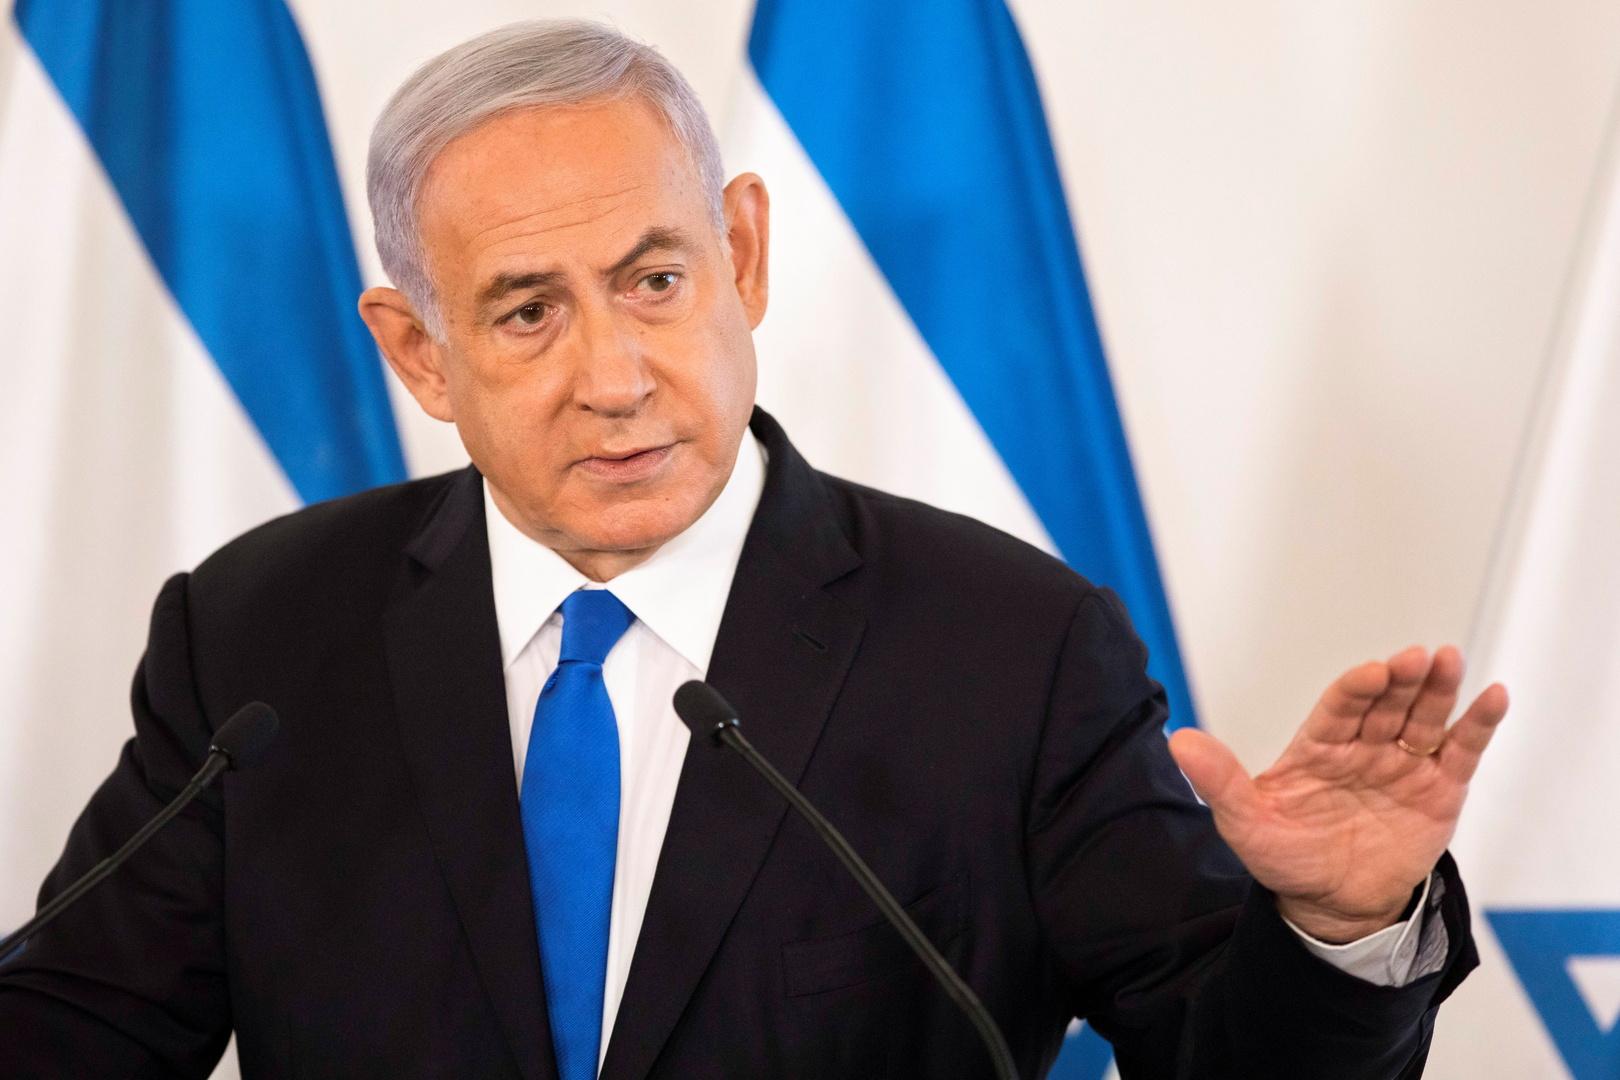 نتنياهو: حققنا نجاحا منقطع النظير في غزة أعاد